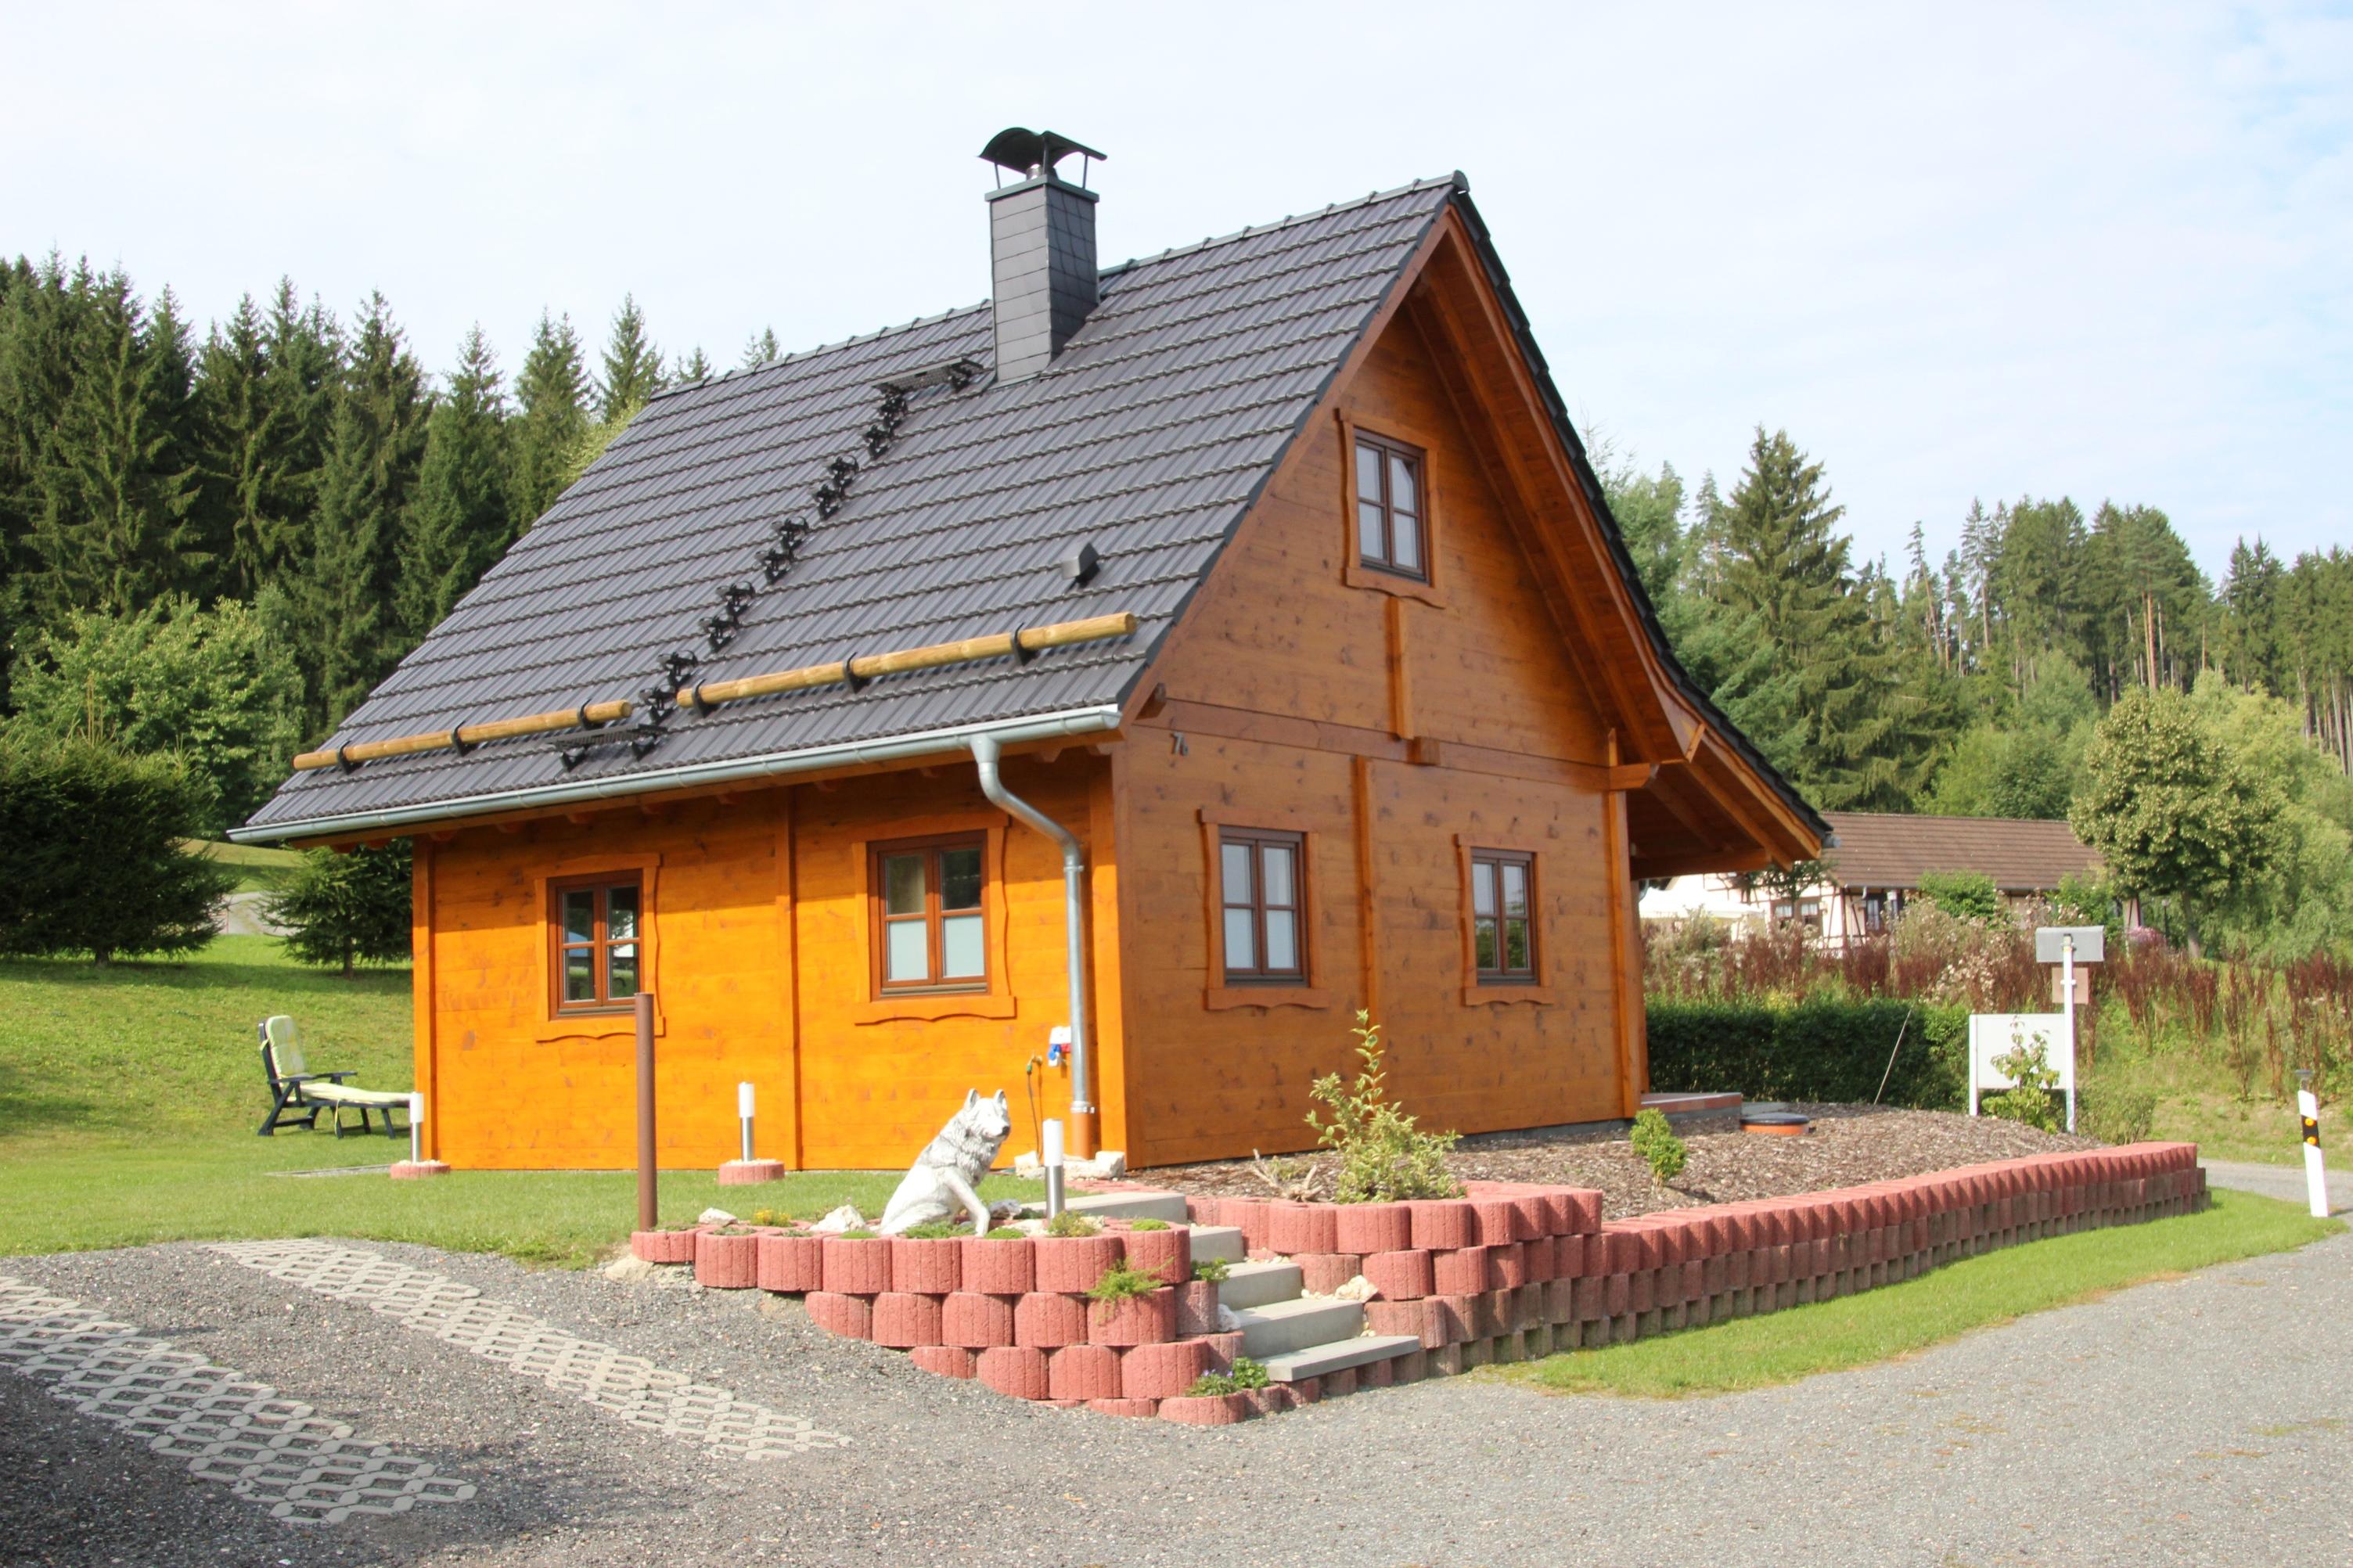 """Ferienhaus """"Wolfs Revier"""" (Drognitz). Fe Ferienhaus in Thüringen"""